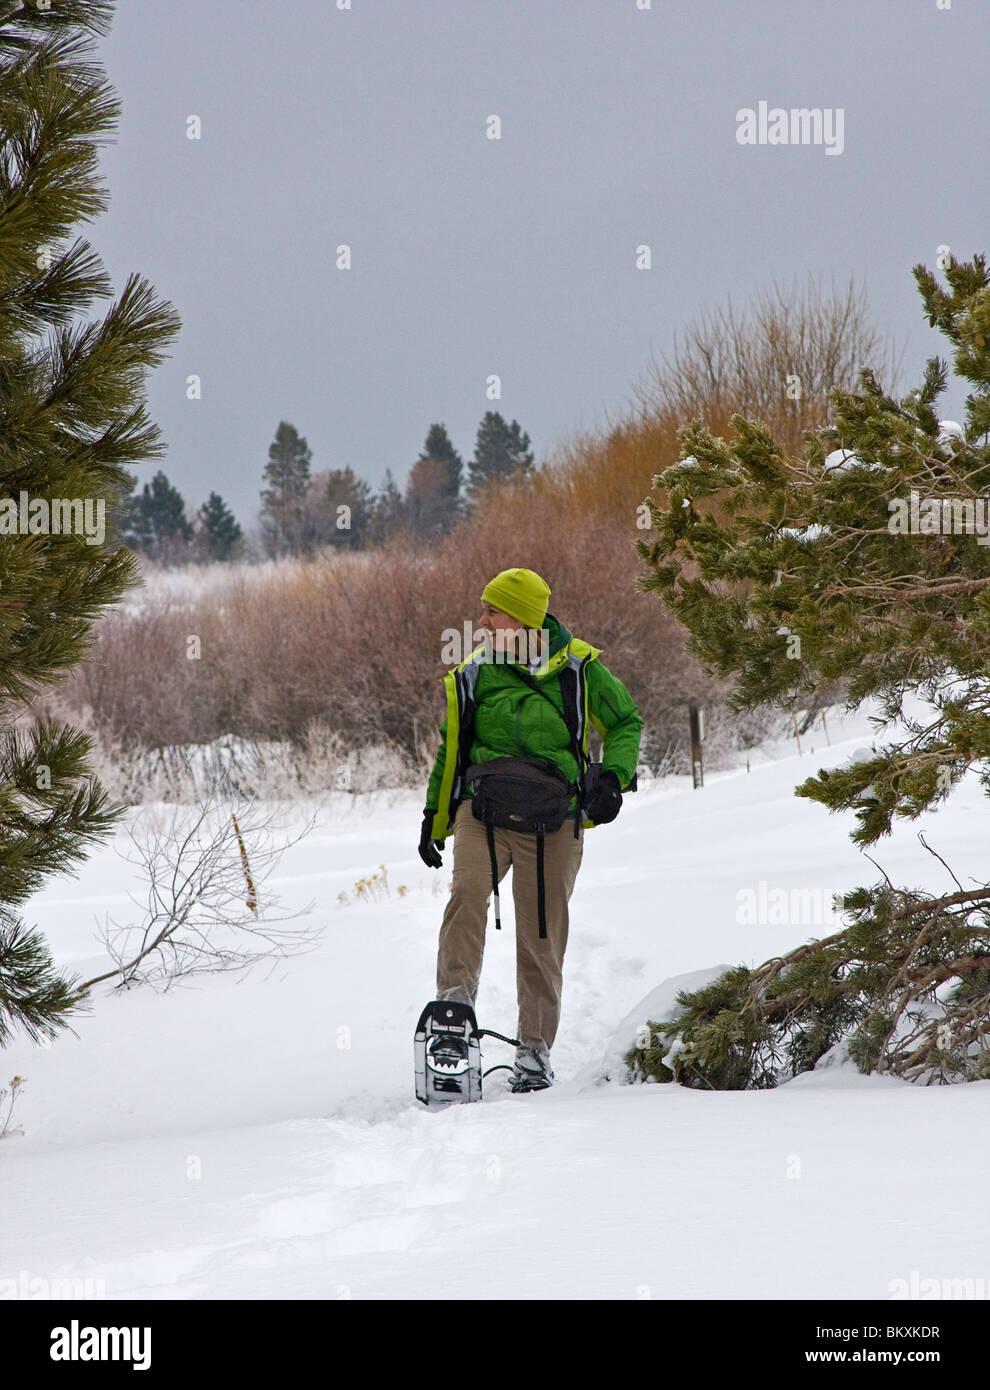 Femme sur la raquette randonnée pédestre durant une tempête journée d'hiver. South Lake Photo Stock